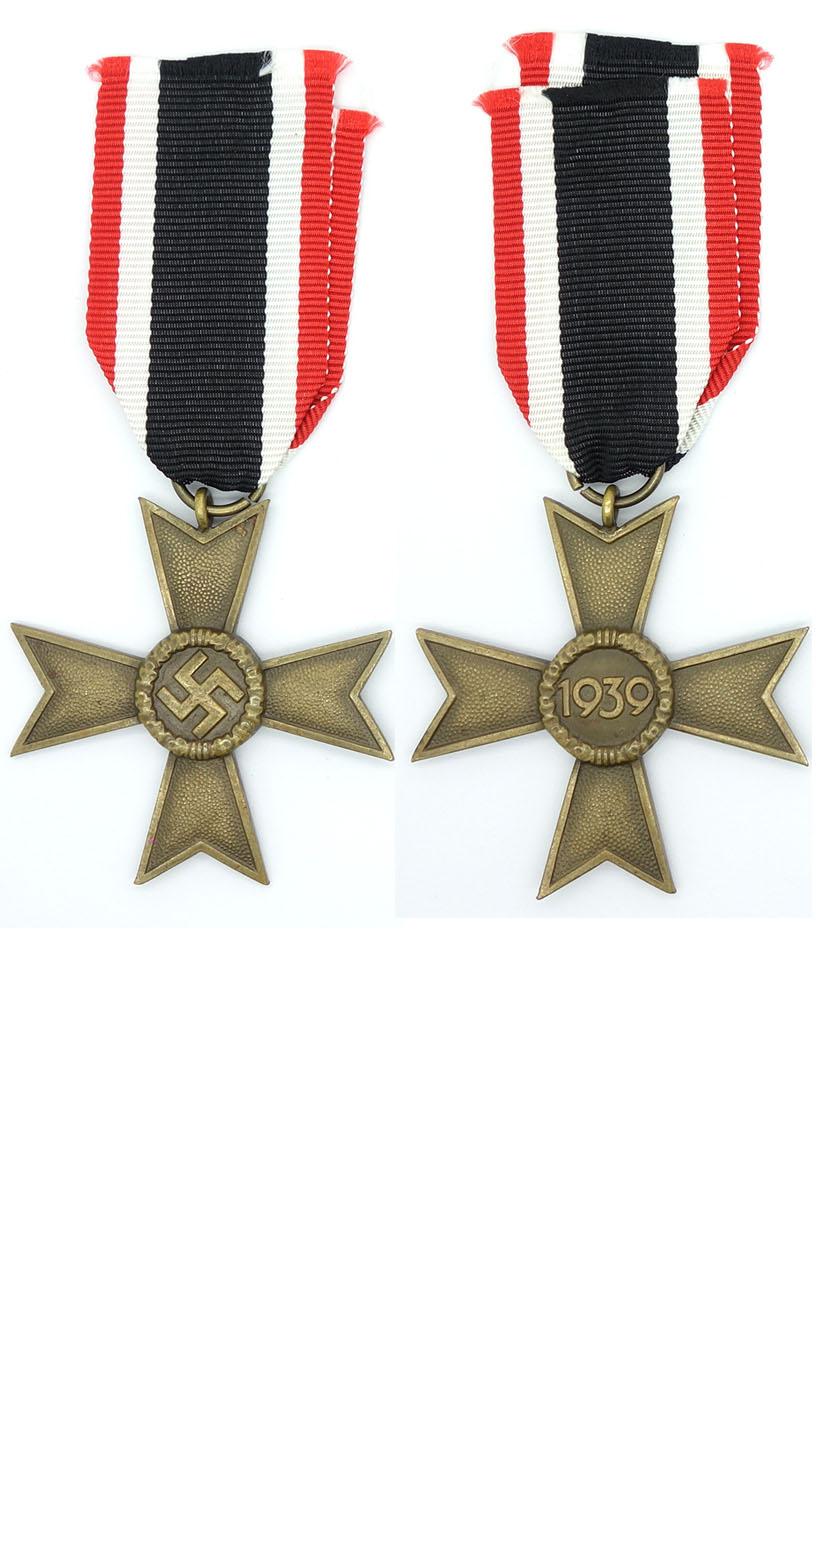 2nd Class War Merit Cross by 66